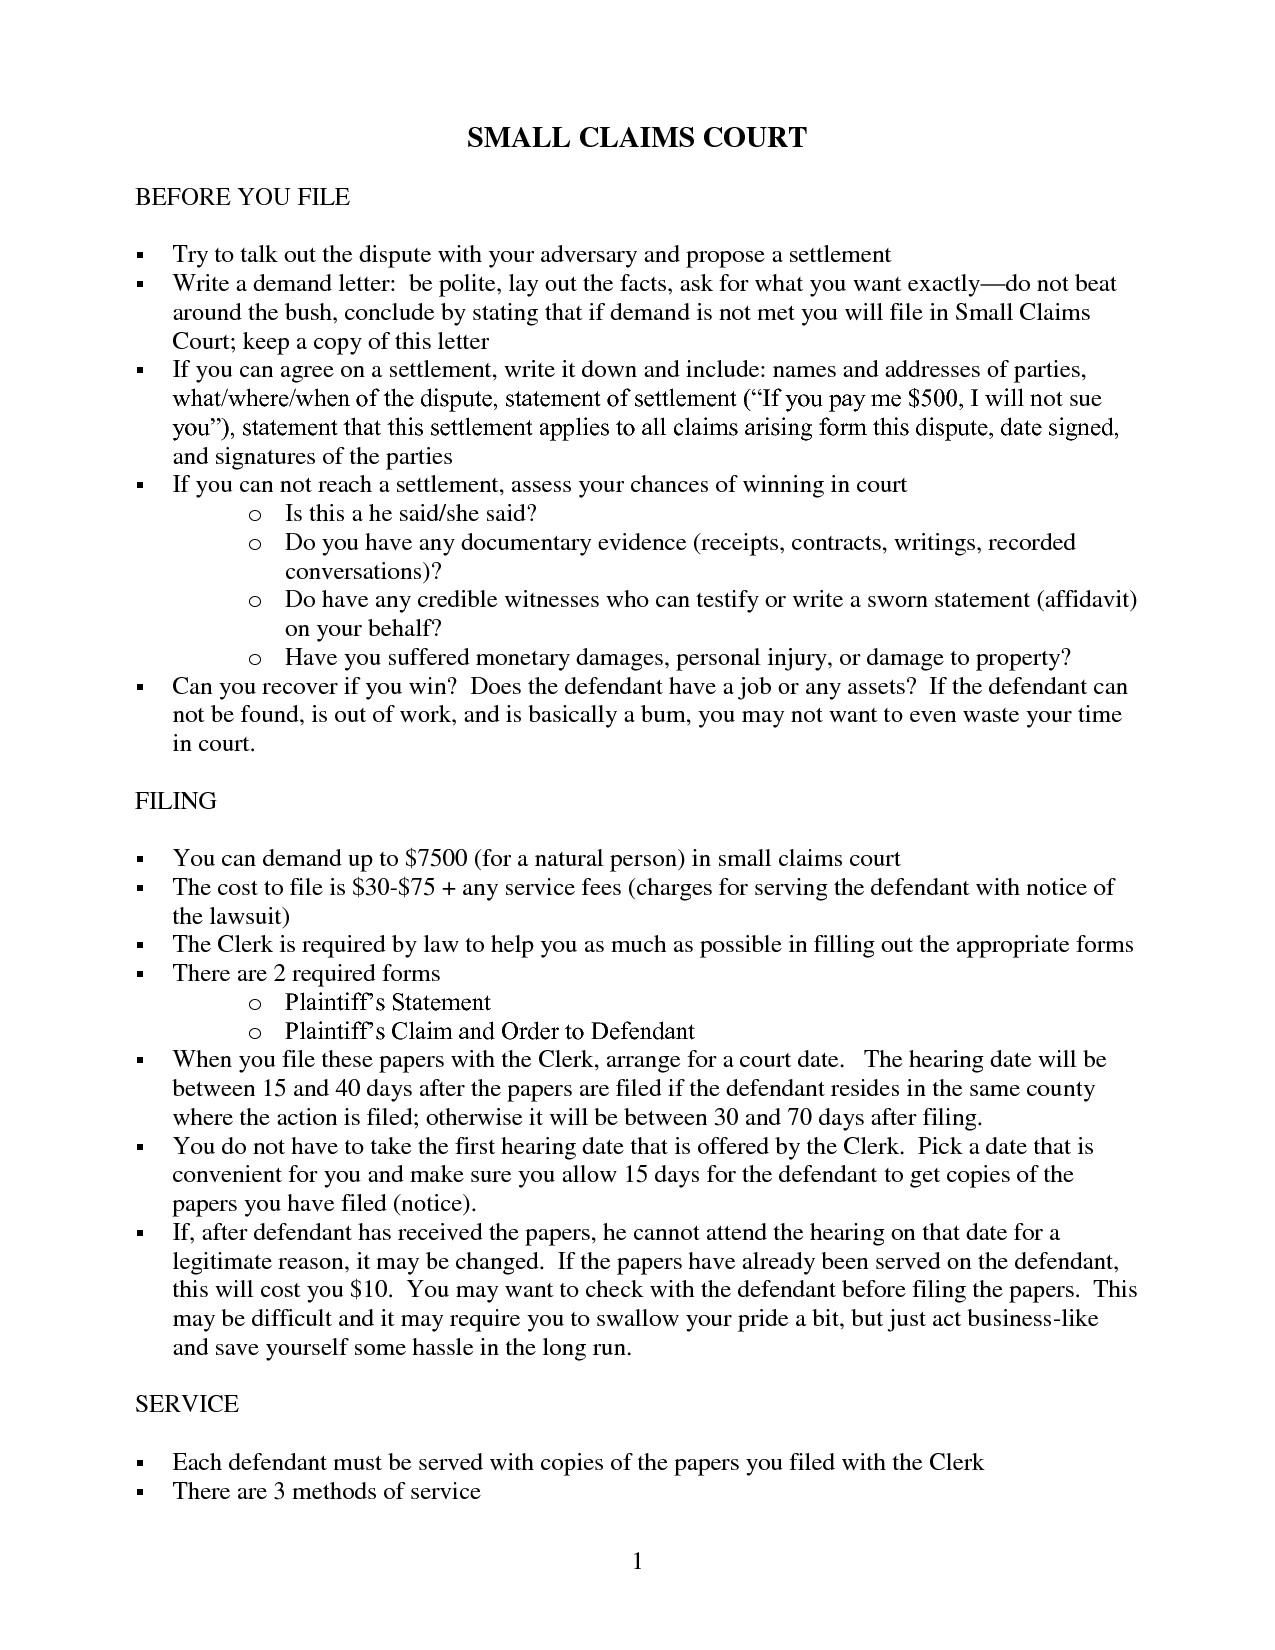 Demand Letter Car Accident Template - 31 Unique Sample Demand Letter for Car Accident